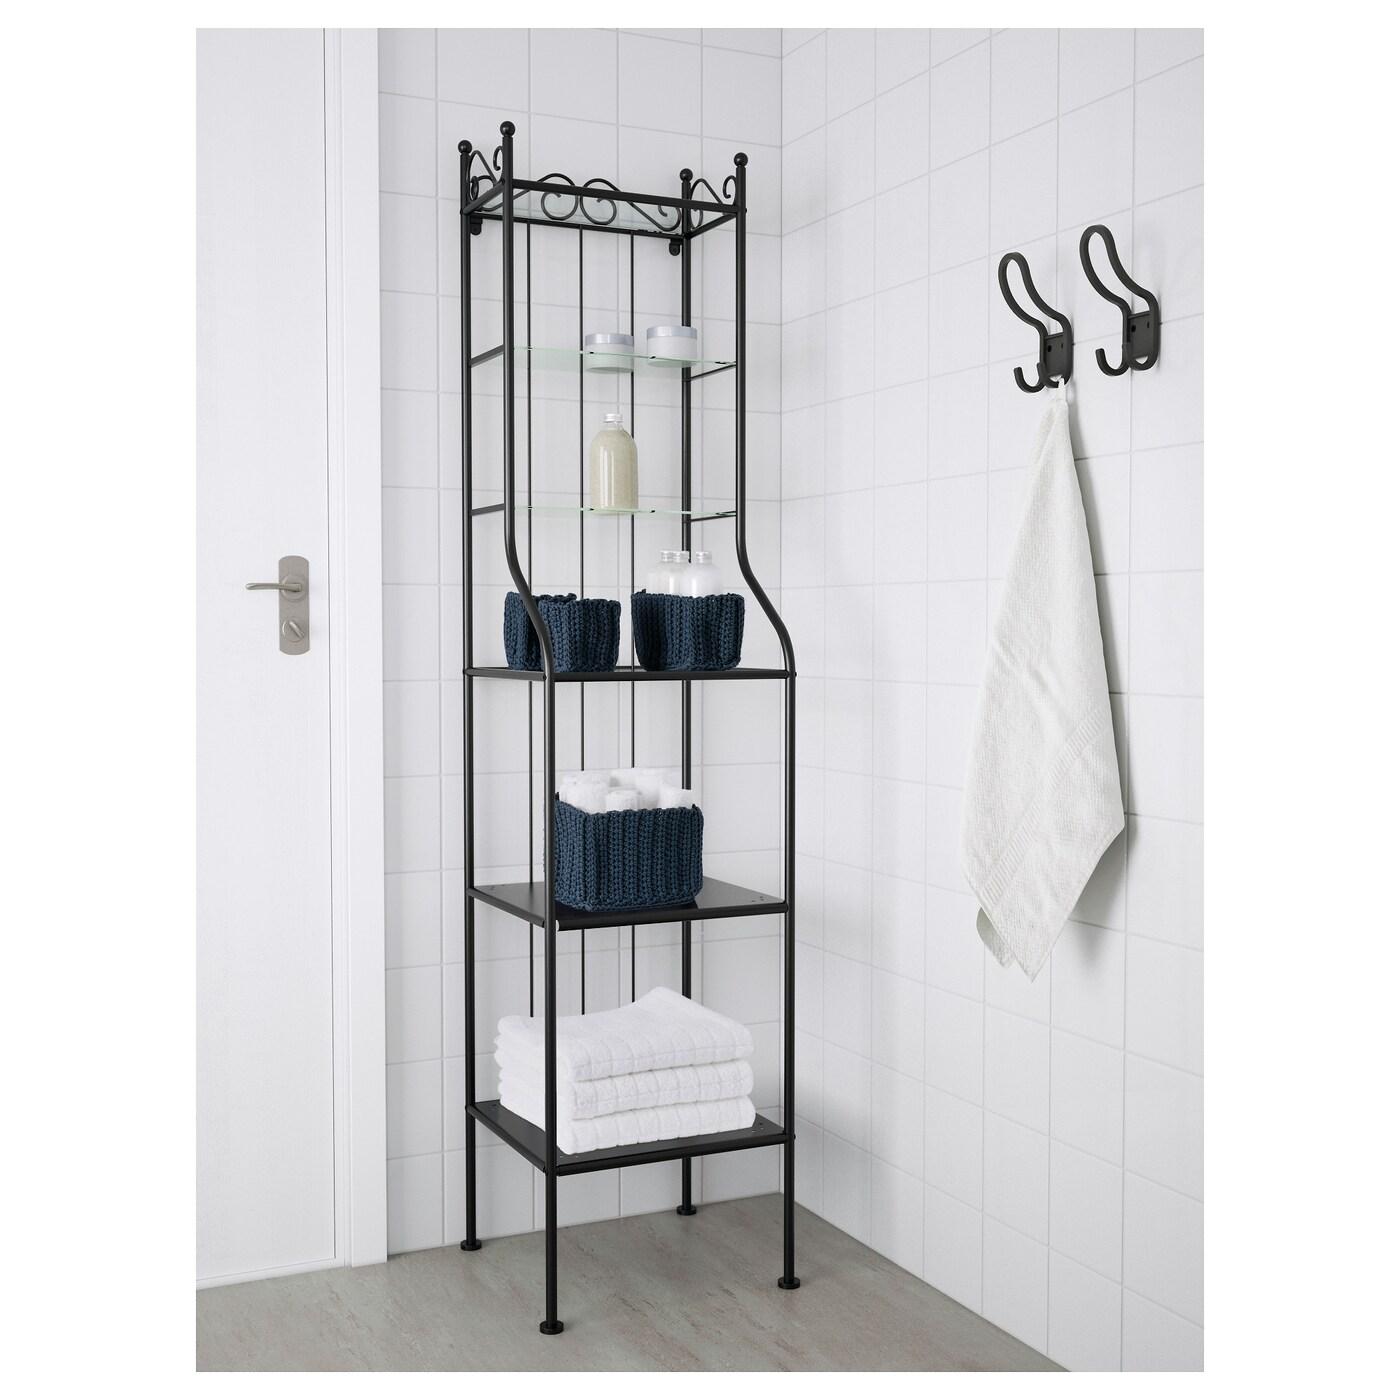 r nnsk r tag re noir 42x176 cm ikea. Black Bedroom Furniture Sets. Home Design Ideas